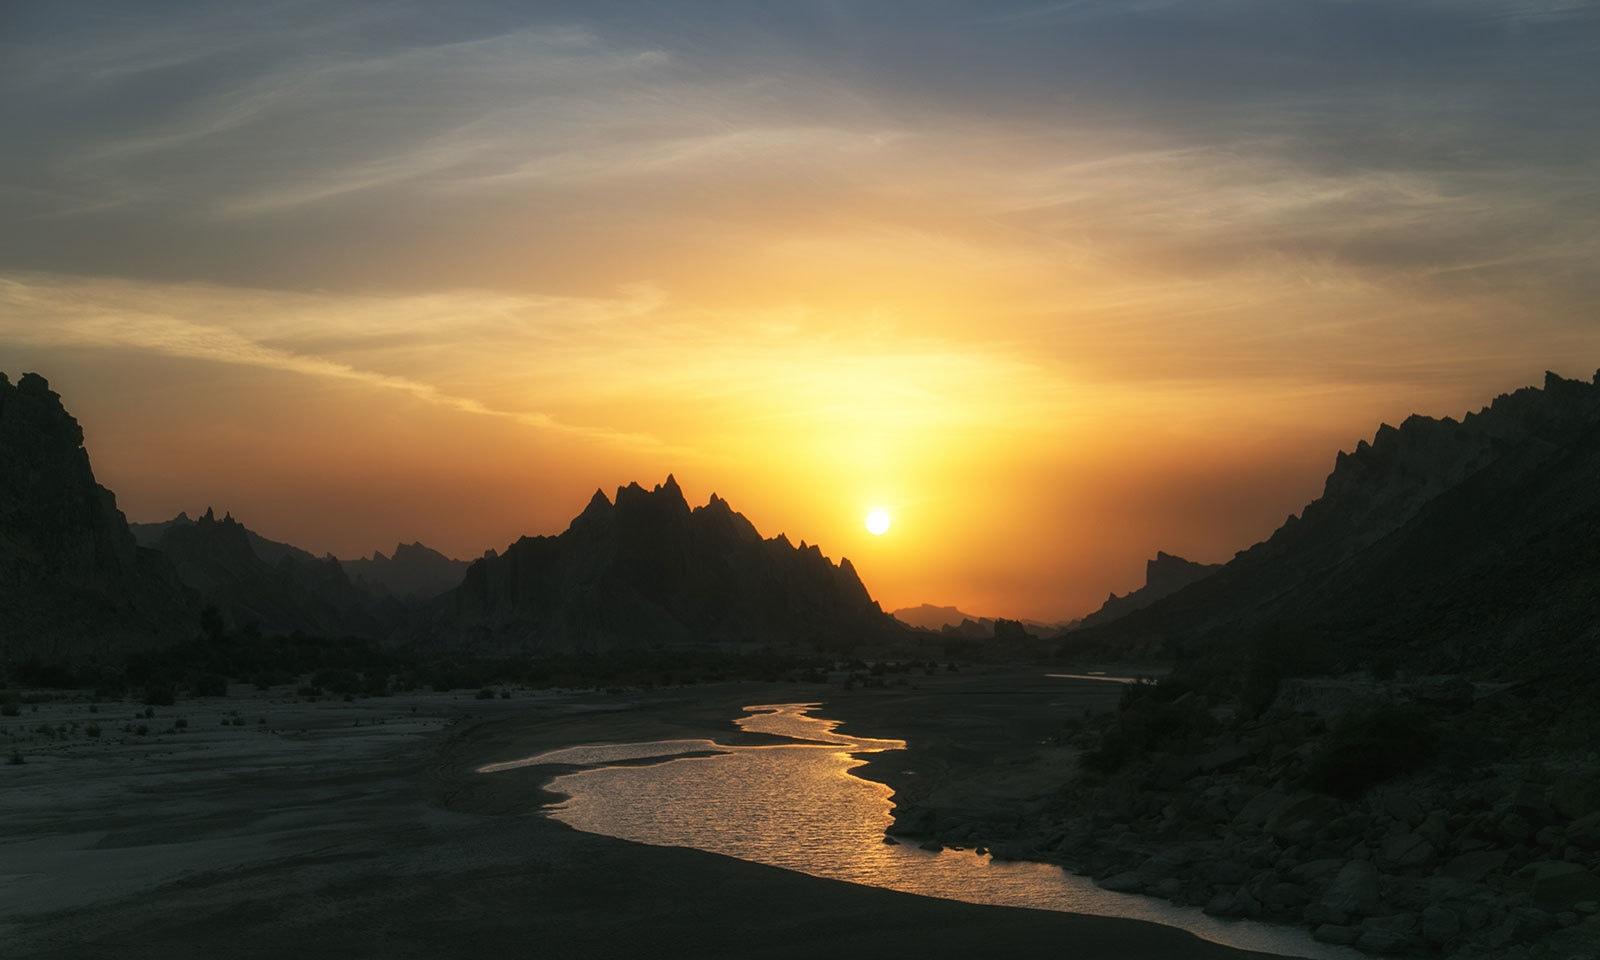 ہنگول نیشنل پارک میں غروب آفتاب کا دلکش منظر — شٹر اسٹاک فوٹو